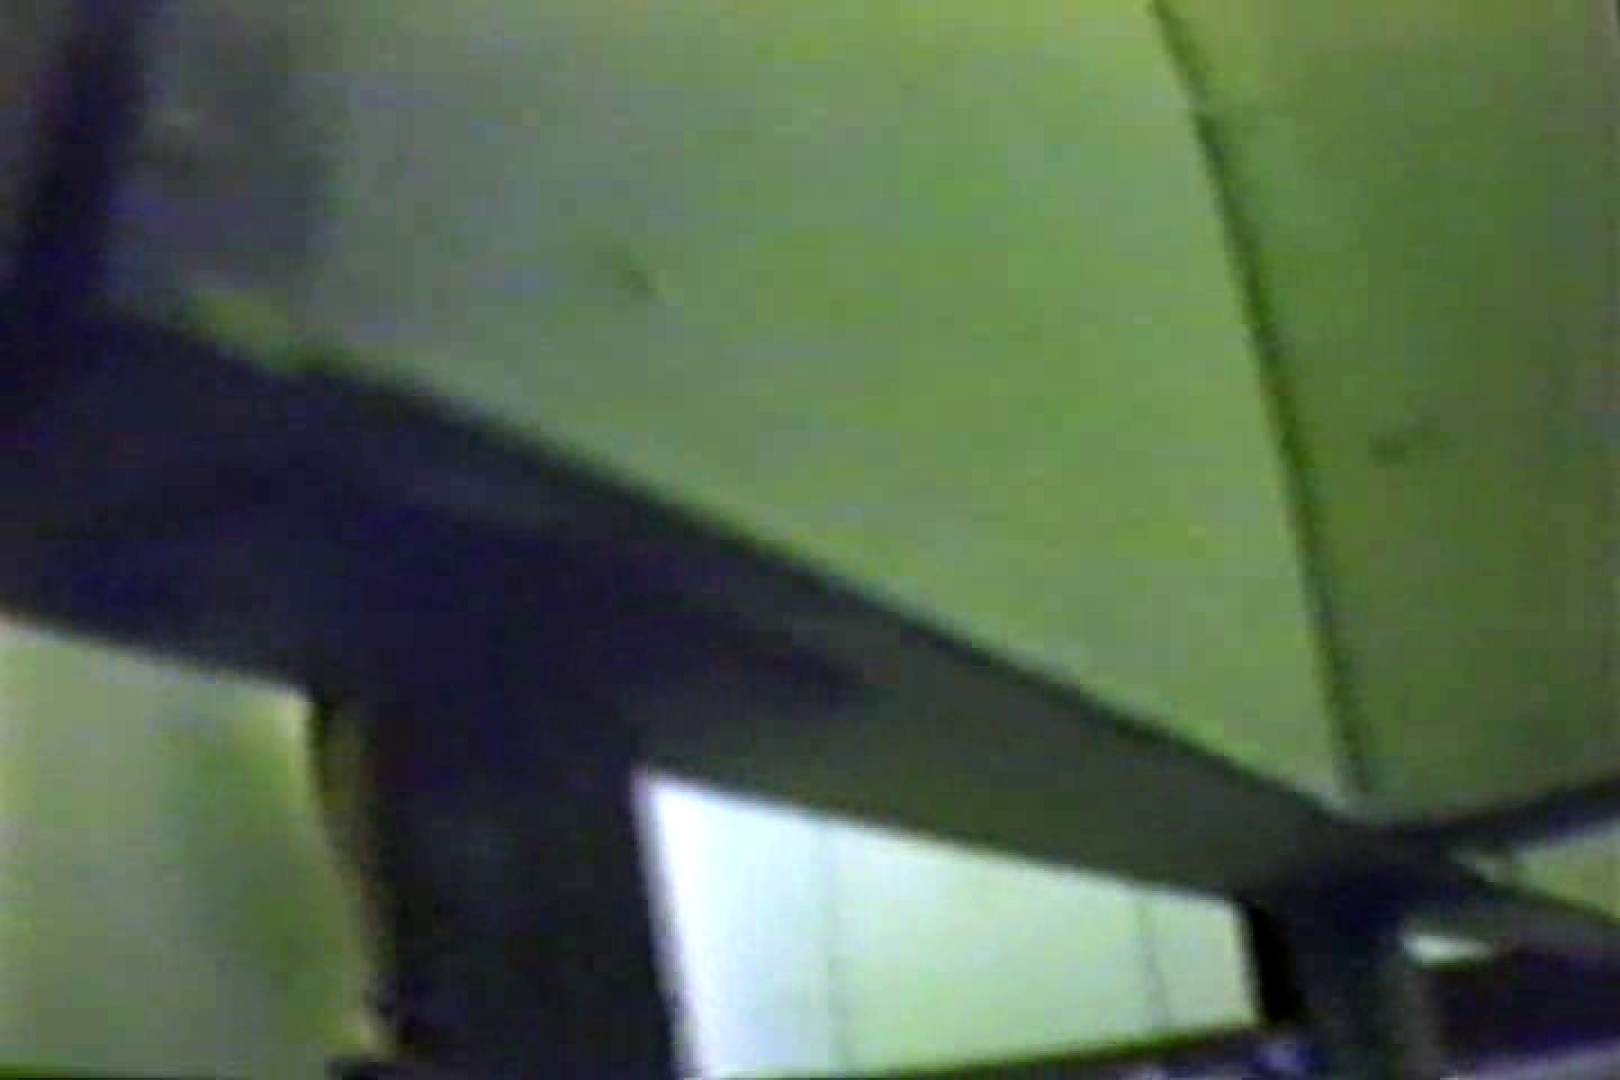 個室狂いのマニア映像Vol.1 おまんこ無修正 | 洗面所はめどり  95画像 76